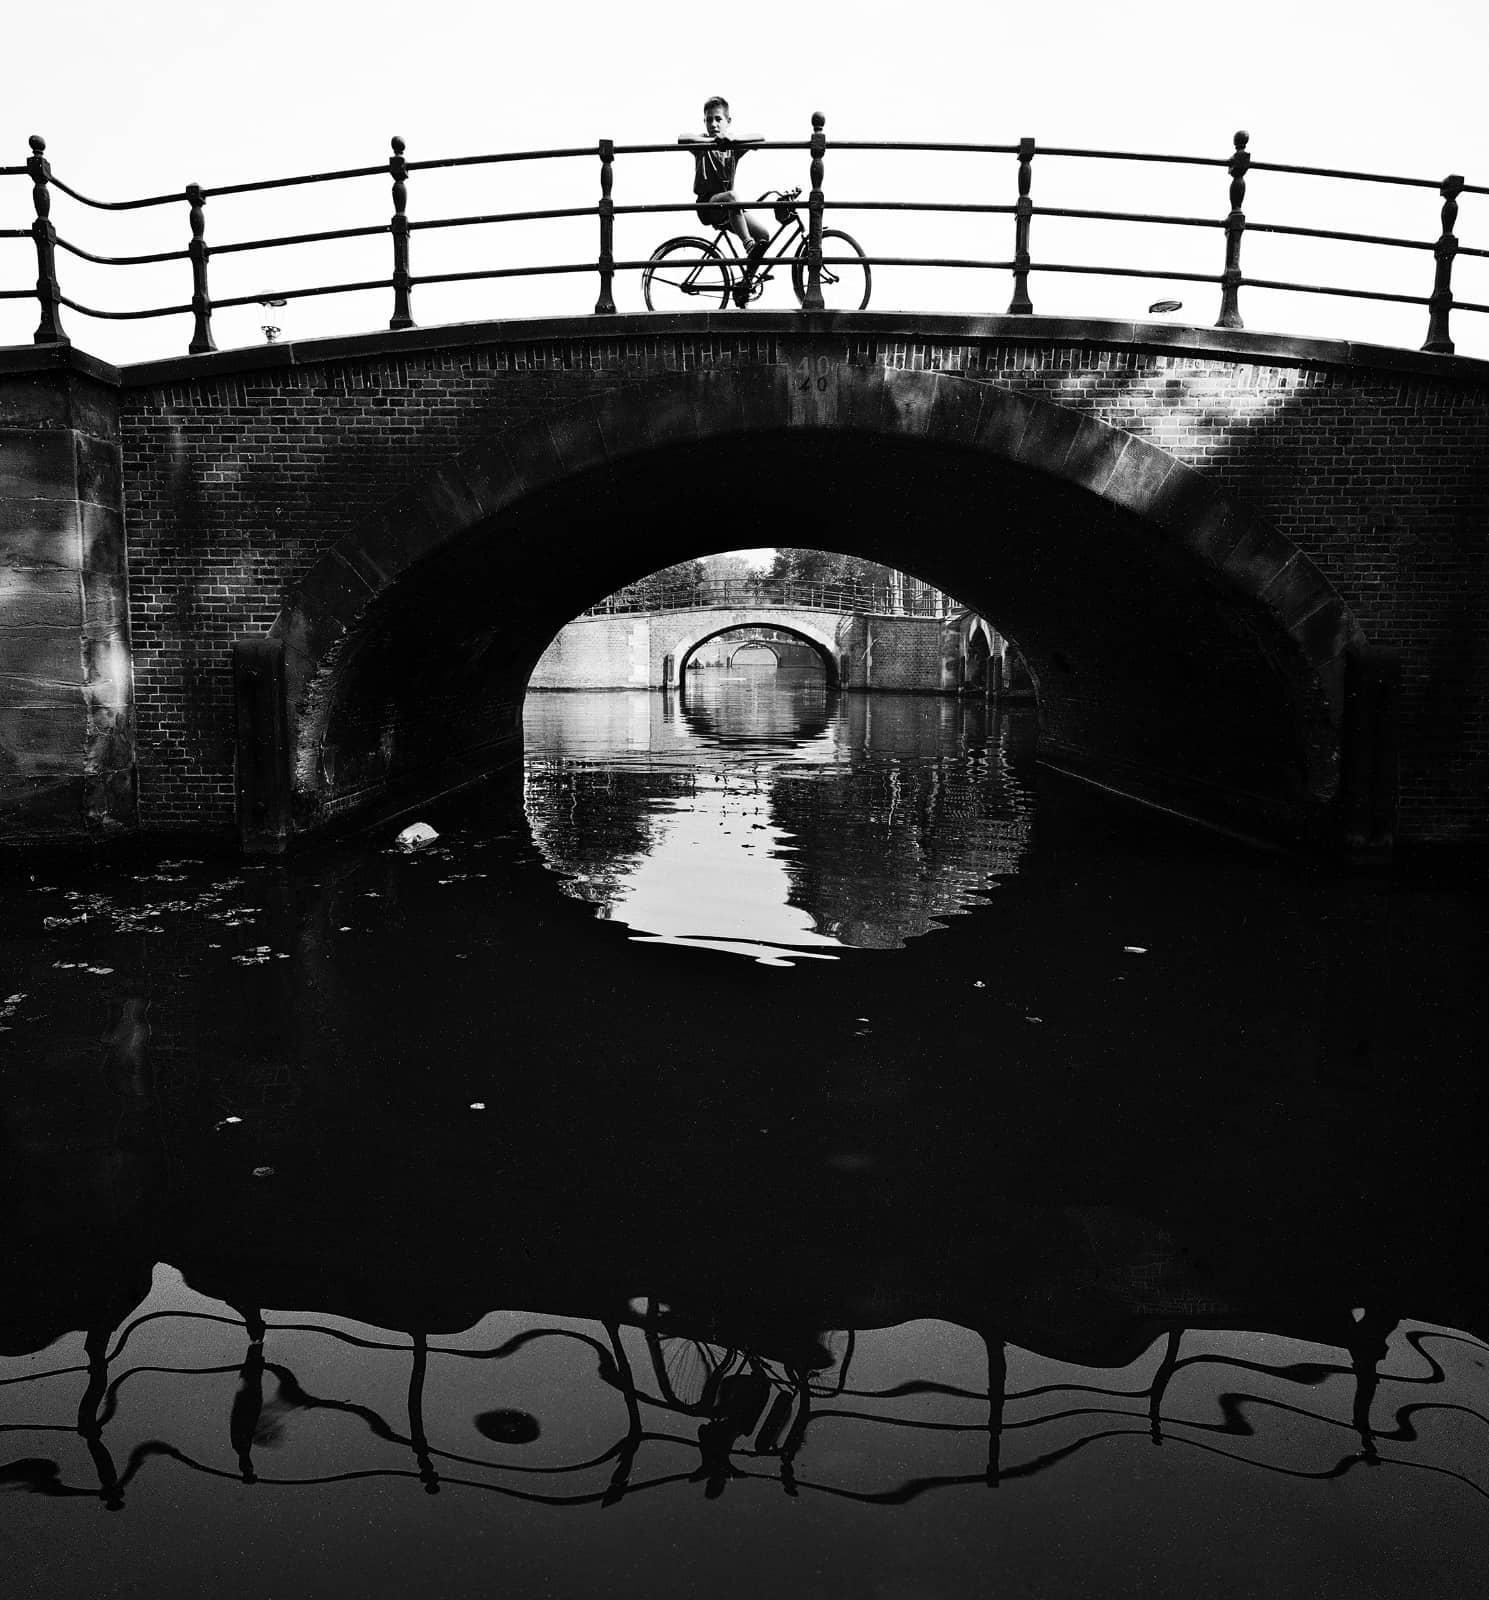 foto: © Ad Windig/MAI - jongen op brug, Reguliersgracht Amsterdam 1959